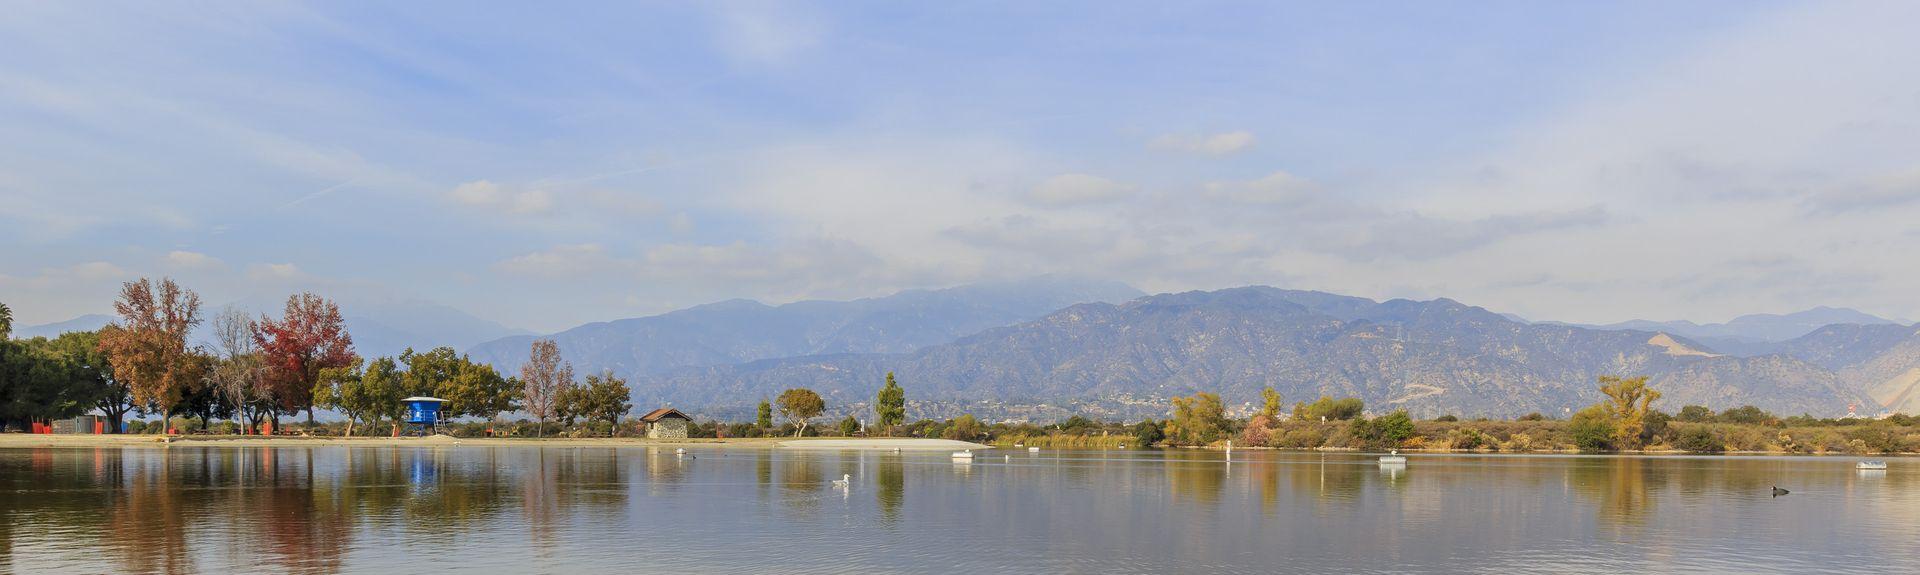 Covina, Californie, États-Unis d'Amérique